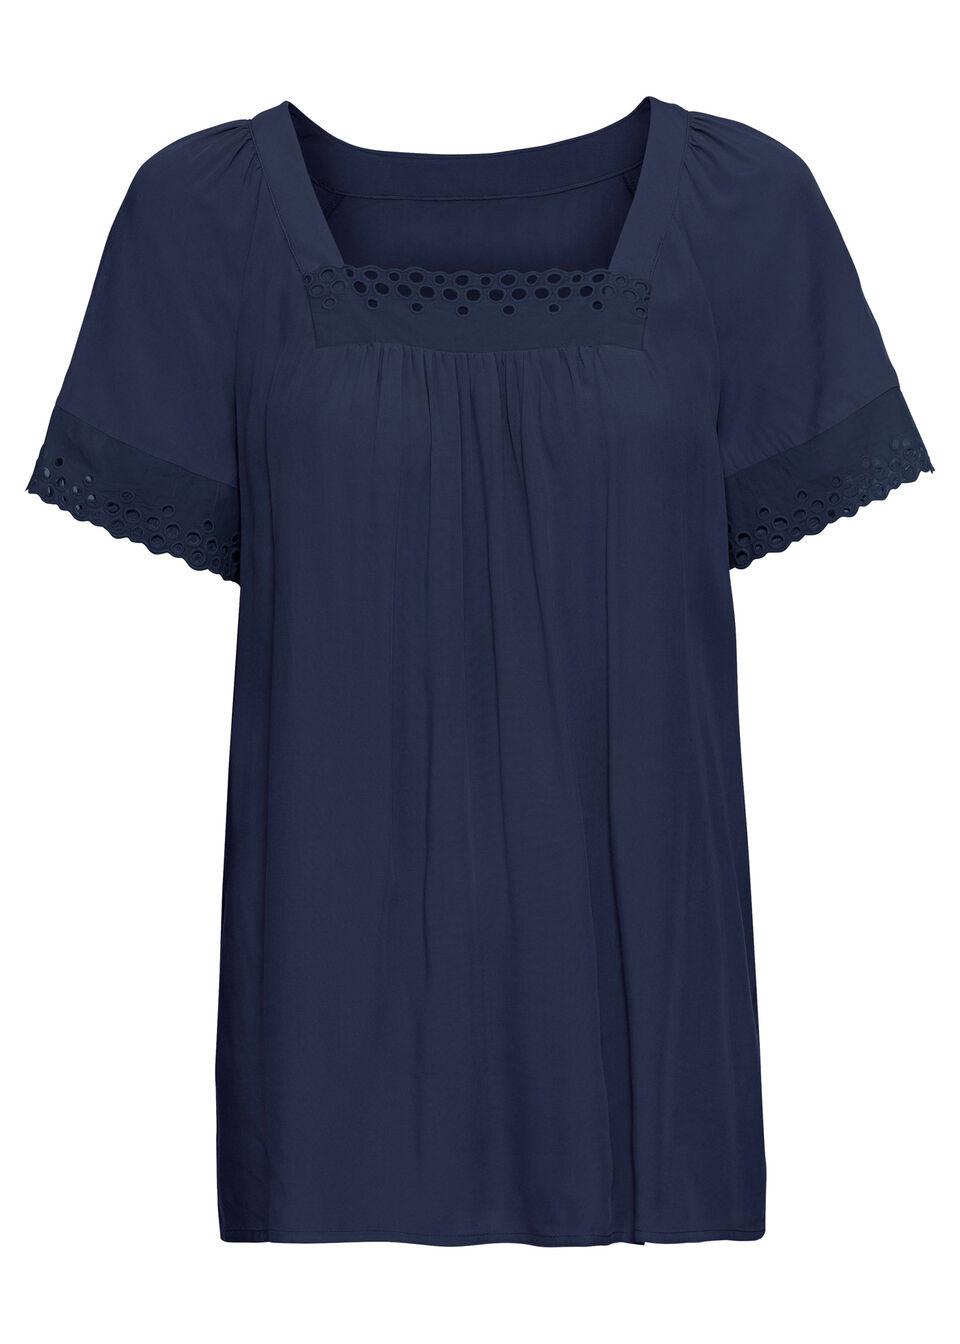 Shirt bluzkowy z ażurową koronką bonprix ciemnoniebieski bonprix